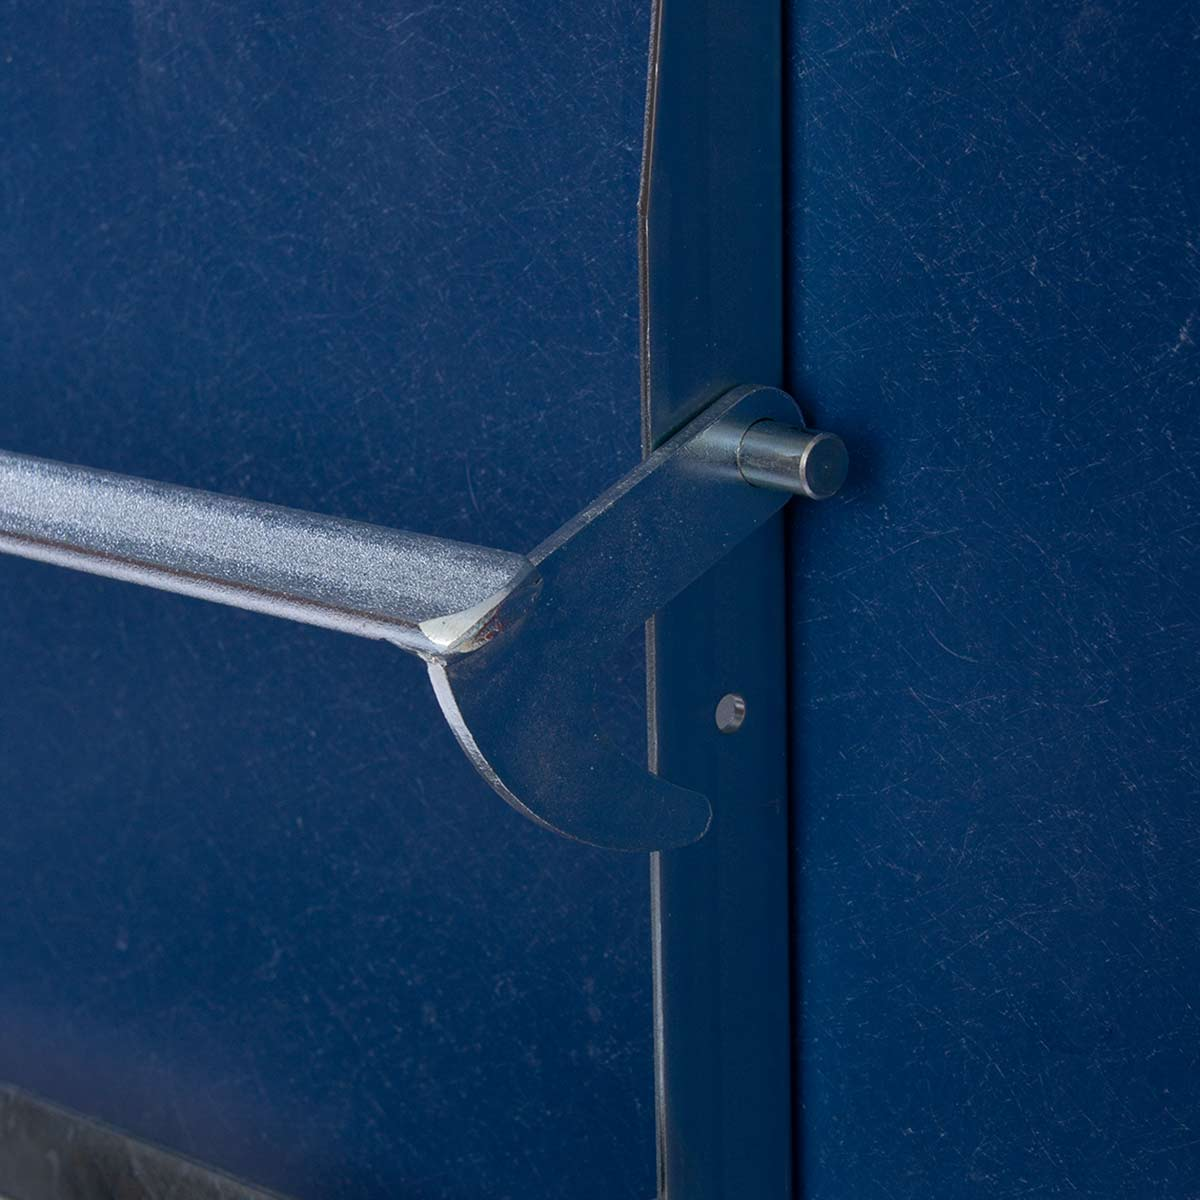 GFK Tisch saphirblau, matt, Untergestell galv. verzink 4-Stern Basic, 80 x 80 x 3.5 cm, H 73 cm